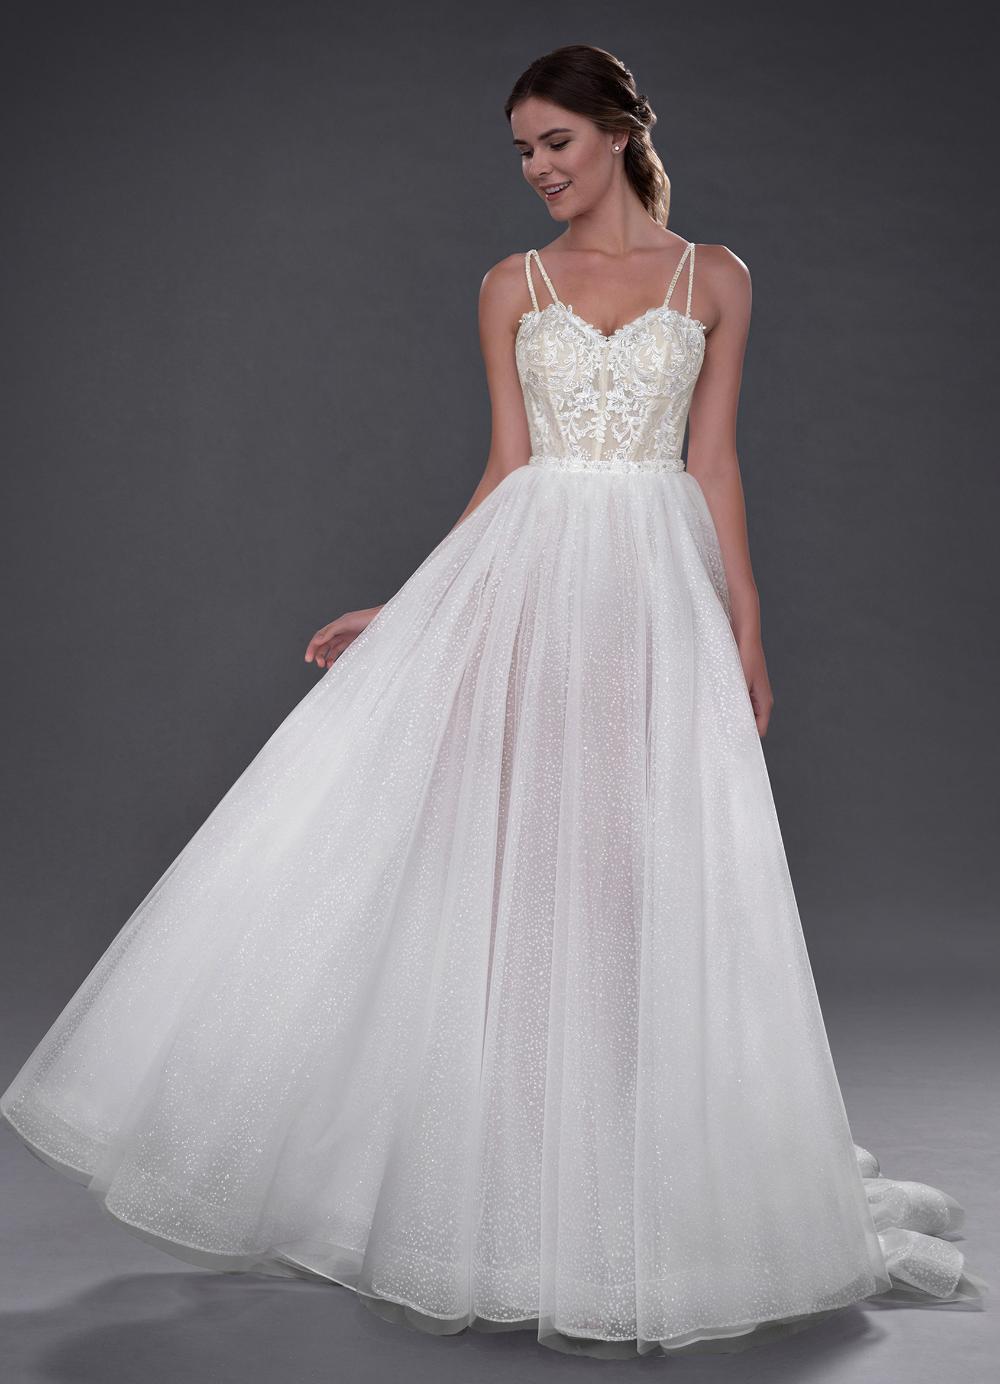 Azazie Rhapsody BG Wedding Dress Diamond White/Champagne